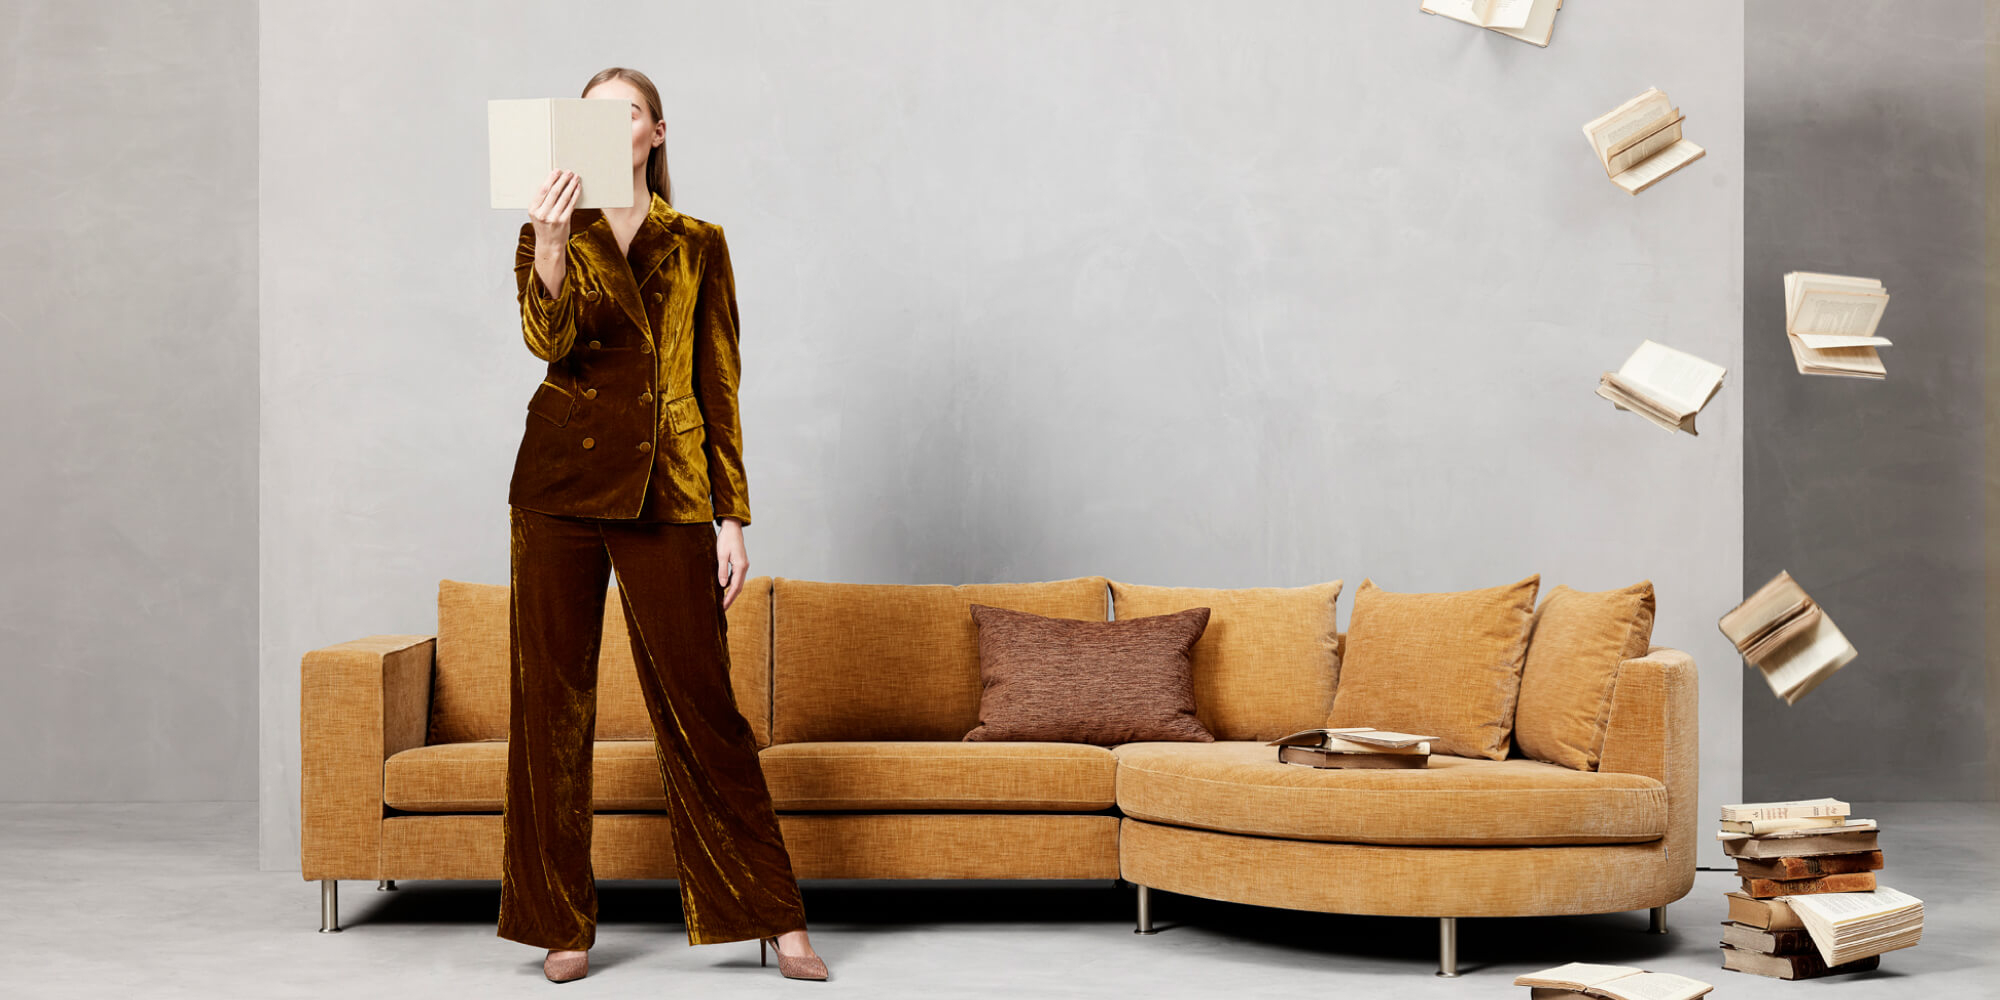 Moderne Dänische Designmöbel | Boconcept - Boconcept pour Poltronesofa La Roche Sur Yon